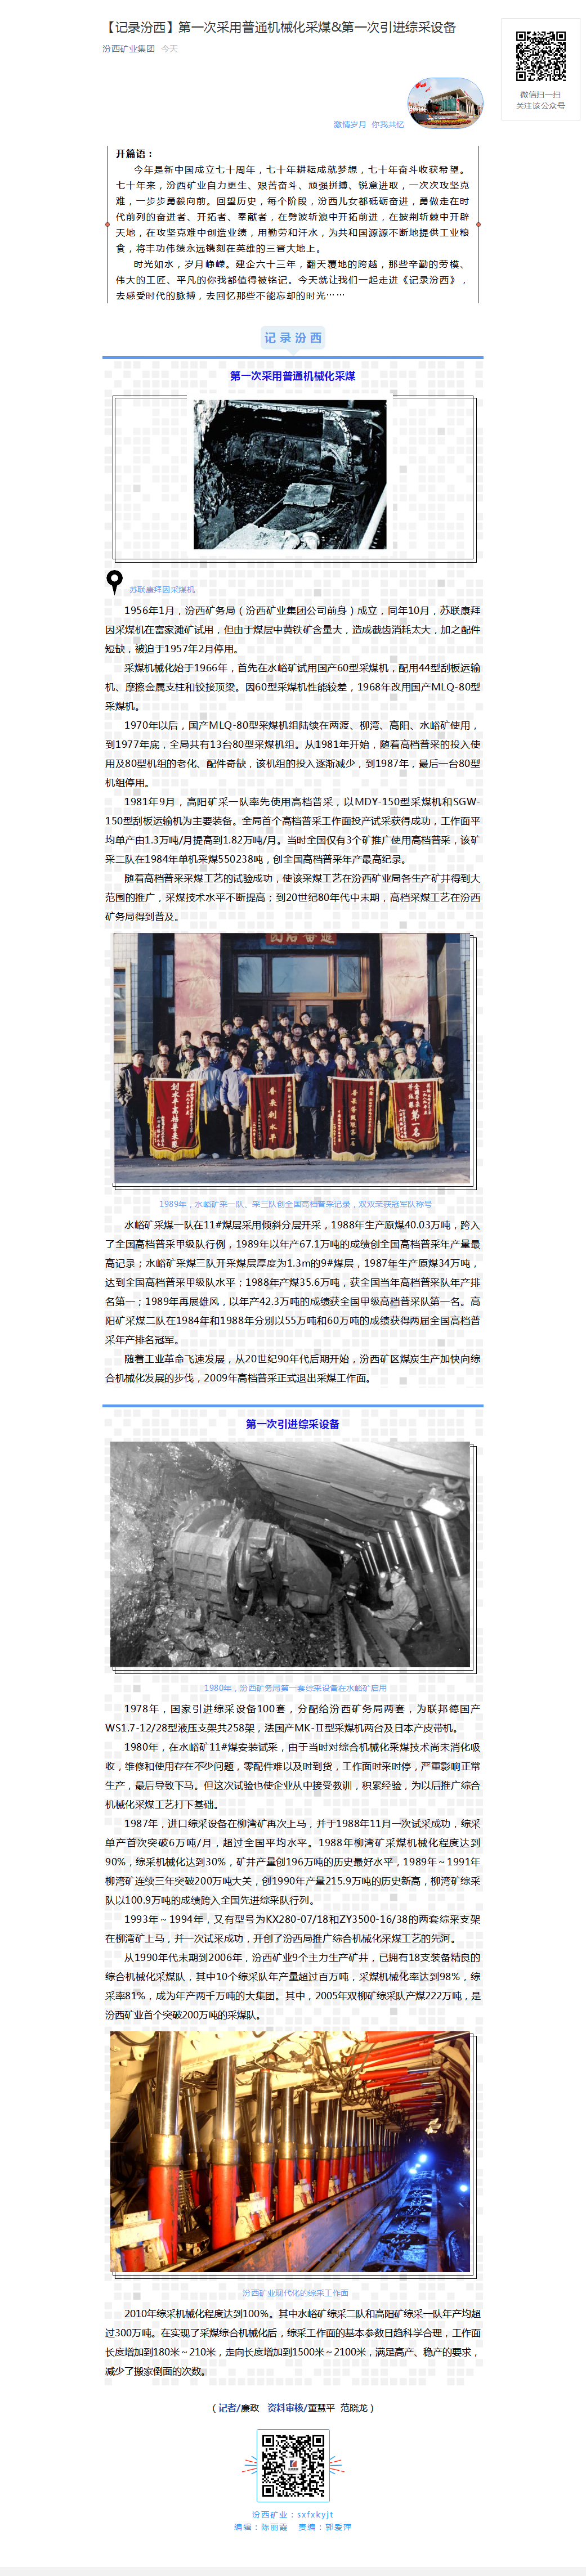 【记录龙虎斗游戏】第一次采用普通机械化采煤&第一次引进综采设备.png